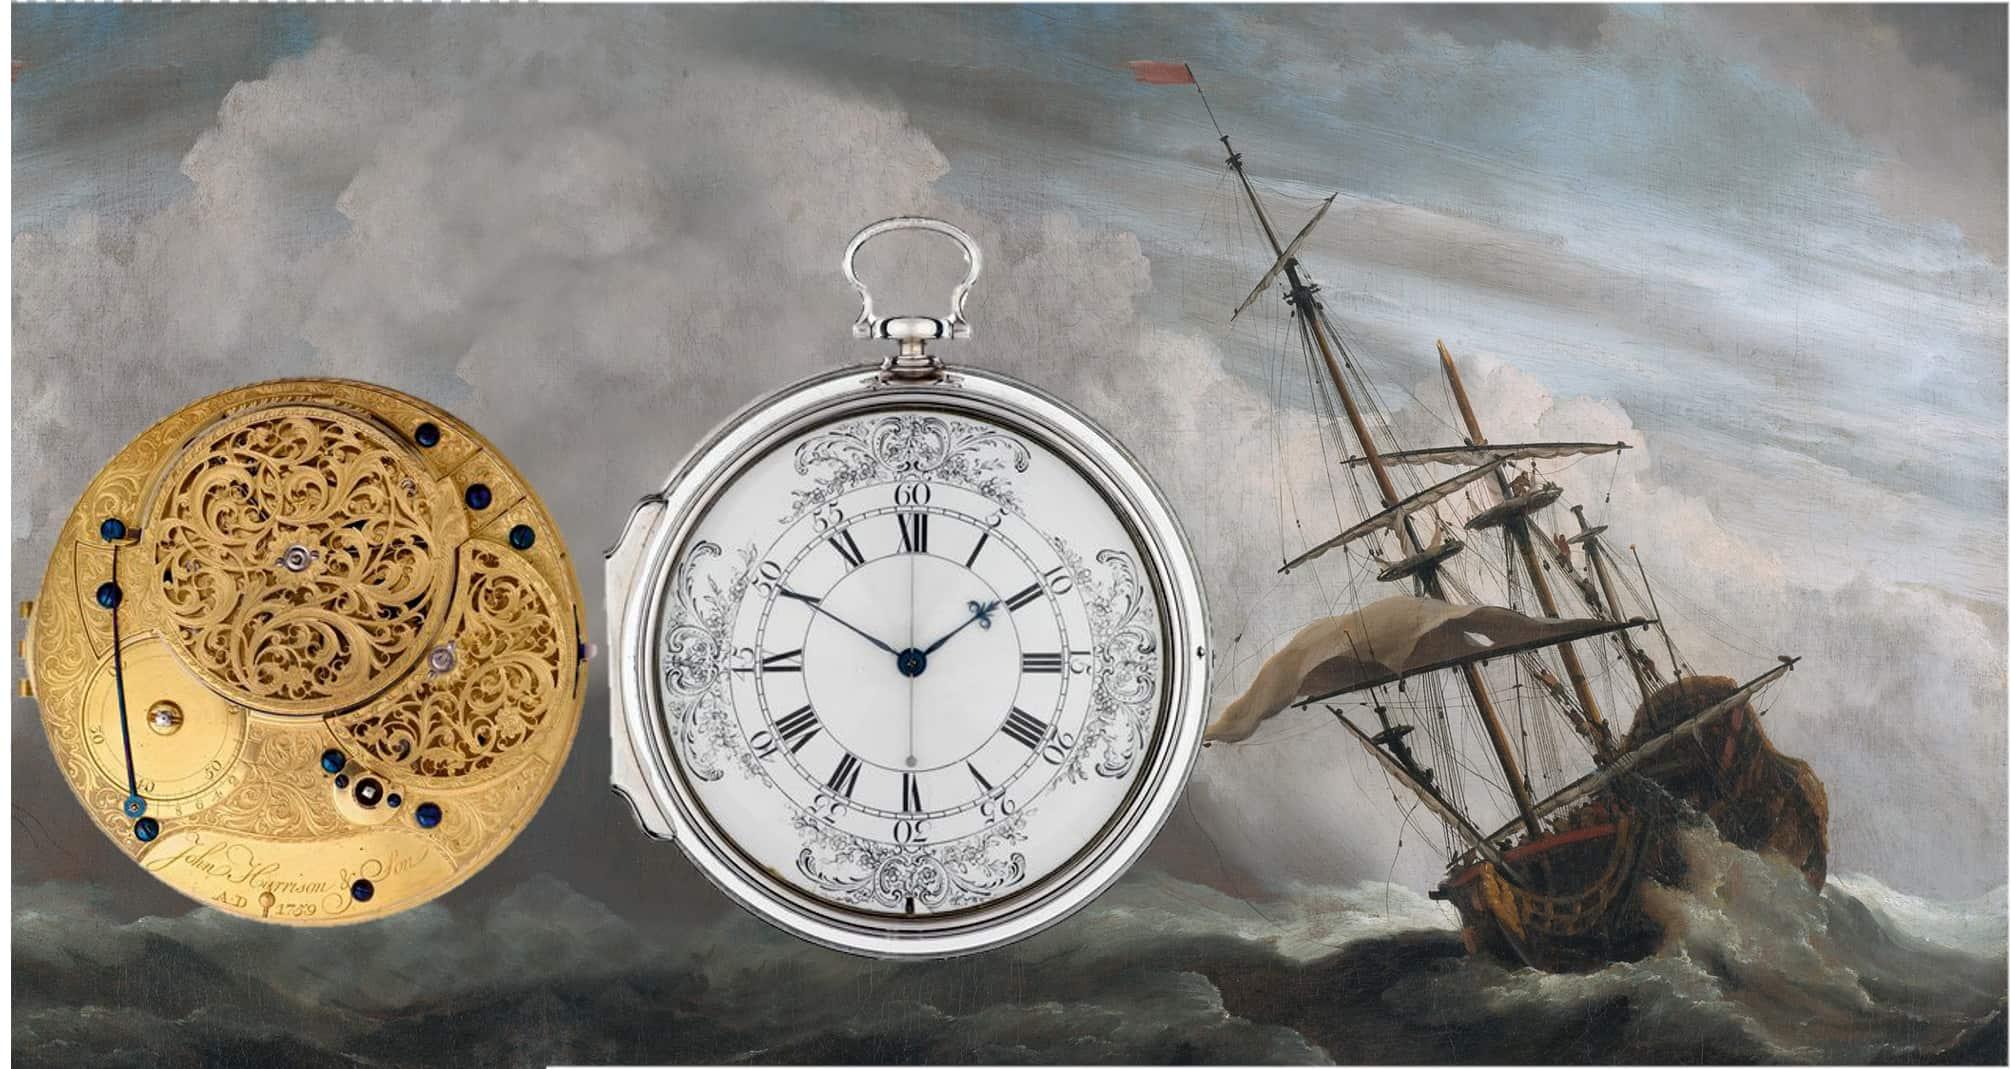 Sekundenzeiger des John Harrison Chronometer H4